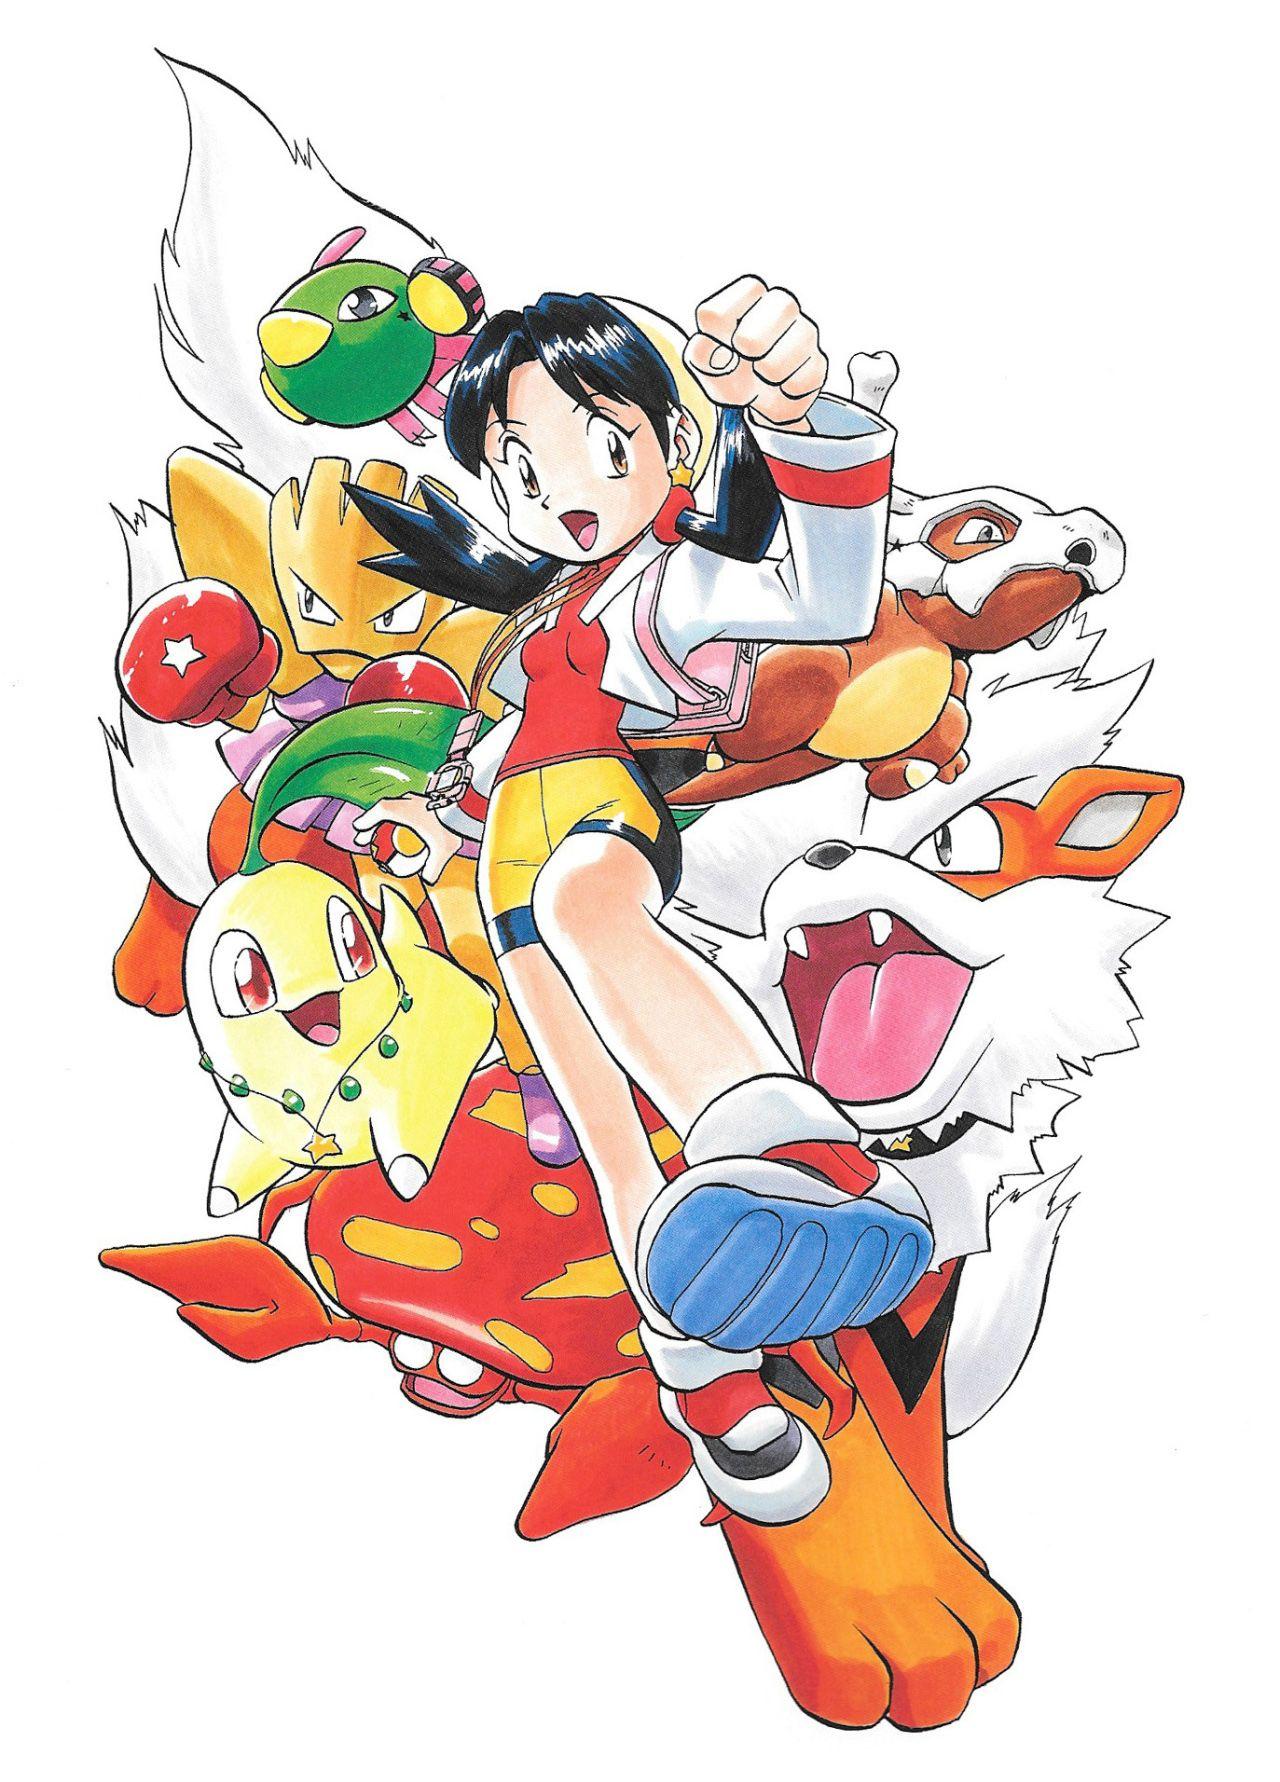 Pokemon or argent manga visual 4